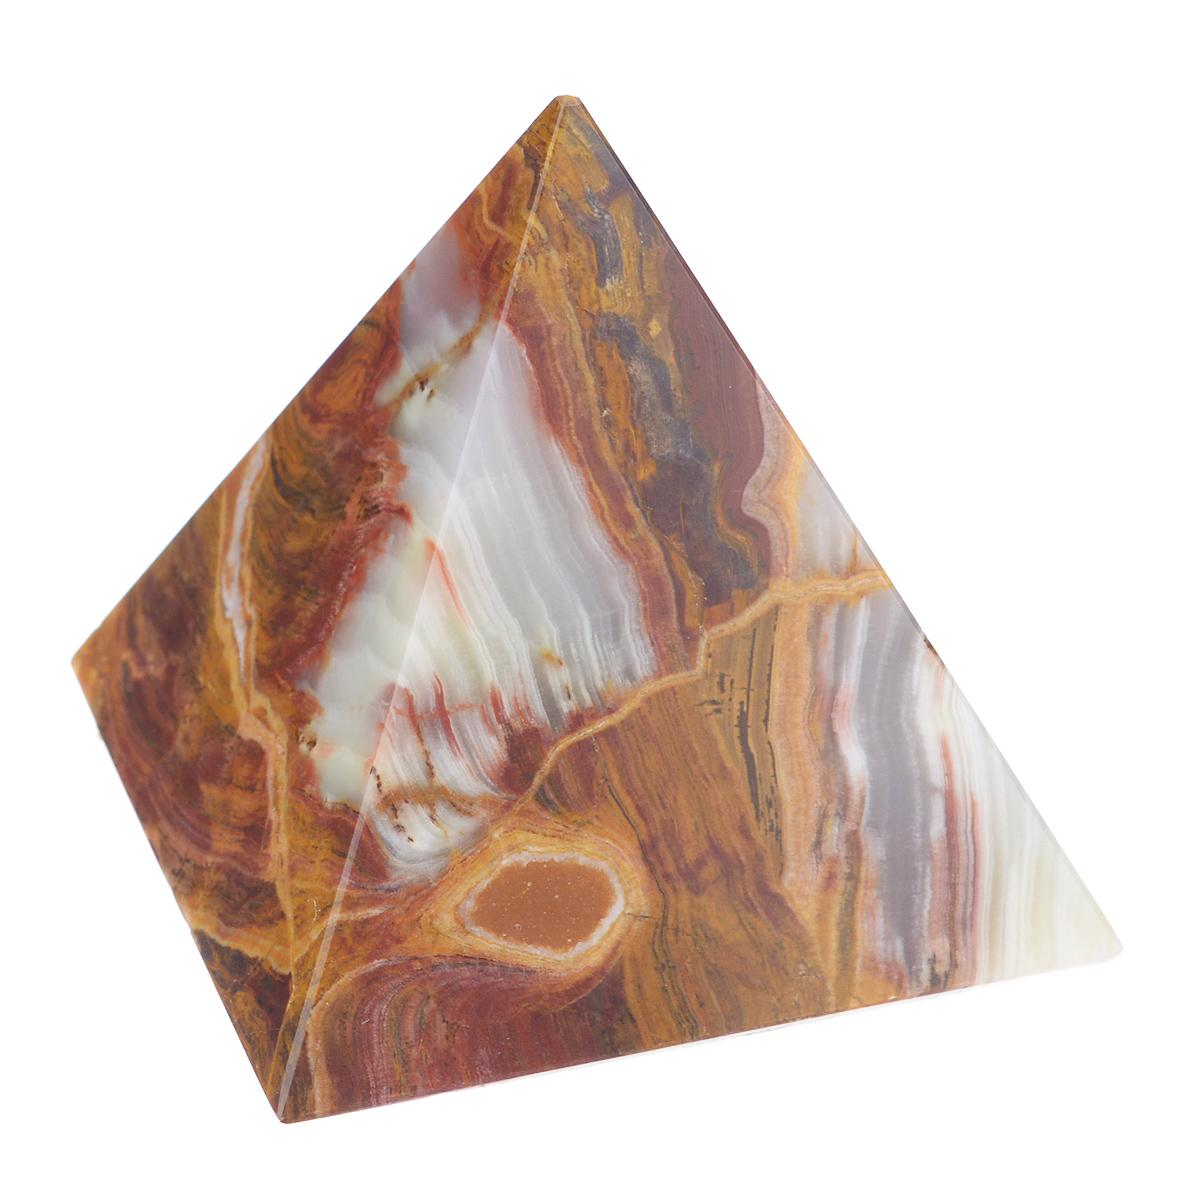 Сувенир Sima-land Пирамида, 7,5 см х 7,5 см х 8 смUP210DFСувенир Sima-land Пирамида выполнен из натурального оникса. Этот камень помогает снимать стрессы, облегчает боль, способствует эмоциональному равновесию и самоконтролю. Его применяют при расстройстве нервной системы, депрессиях, бессоннице, при лечении болезней сердца. Оникс хорошо снимает боли и уменьшает воспаления. Сувенир Sima-land Пирамида станет отличным подарком на любой праздник и дополнит интерьер вашей комнаты. УВАЖАЕМЫЕ КЛИЕНТЫ!Обращаем ваше внимание на тот факт, что цветовой оттенок товара может отличатся от представленного на изображении, поскольку фигурка выполнена из натурального камня. Учитывайте это при оформлении заказа.